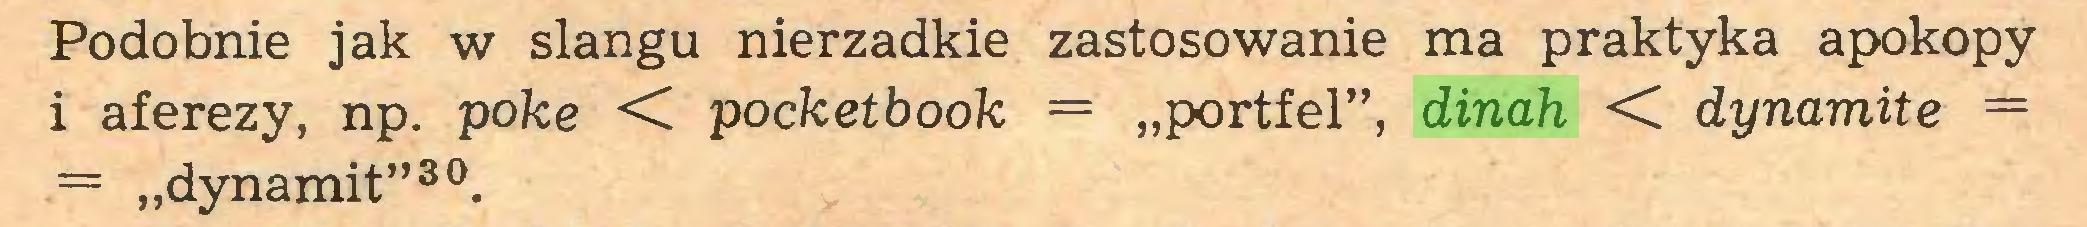 """(...) Podobnie jak w slangu nierzadkie zastosowanie ma praktyka apokopy i aferezy, np. poke <C pocketbook = """"portfel"""", dinah < dynamite = = """"dynamit""""30..."""